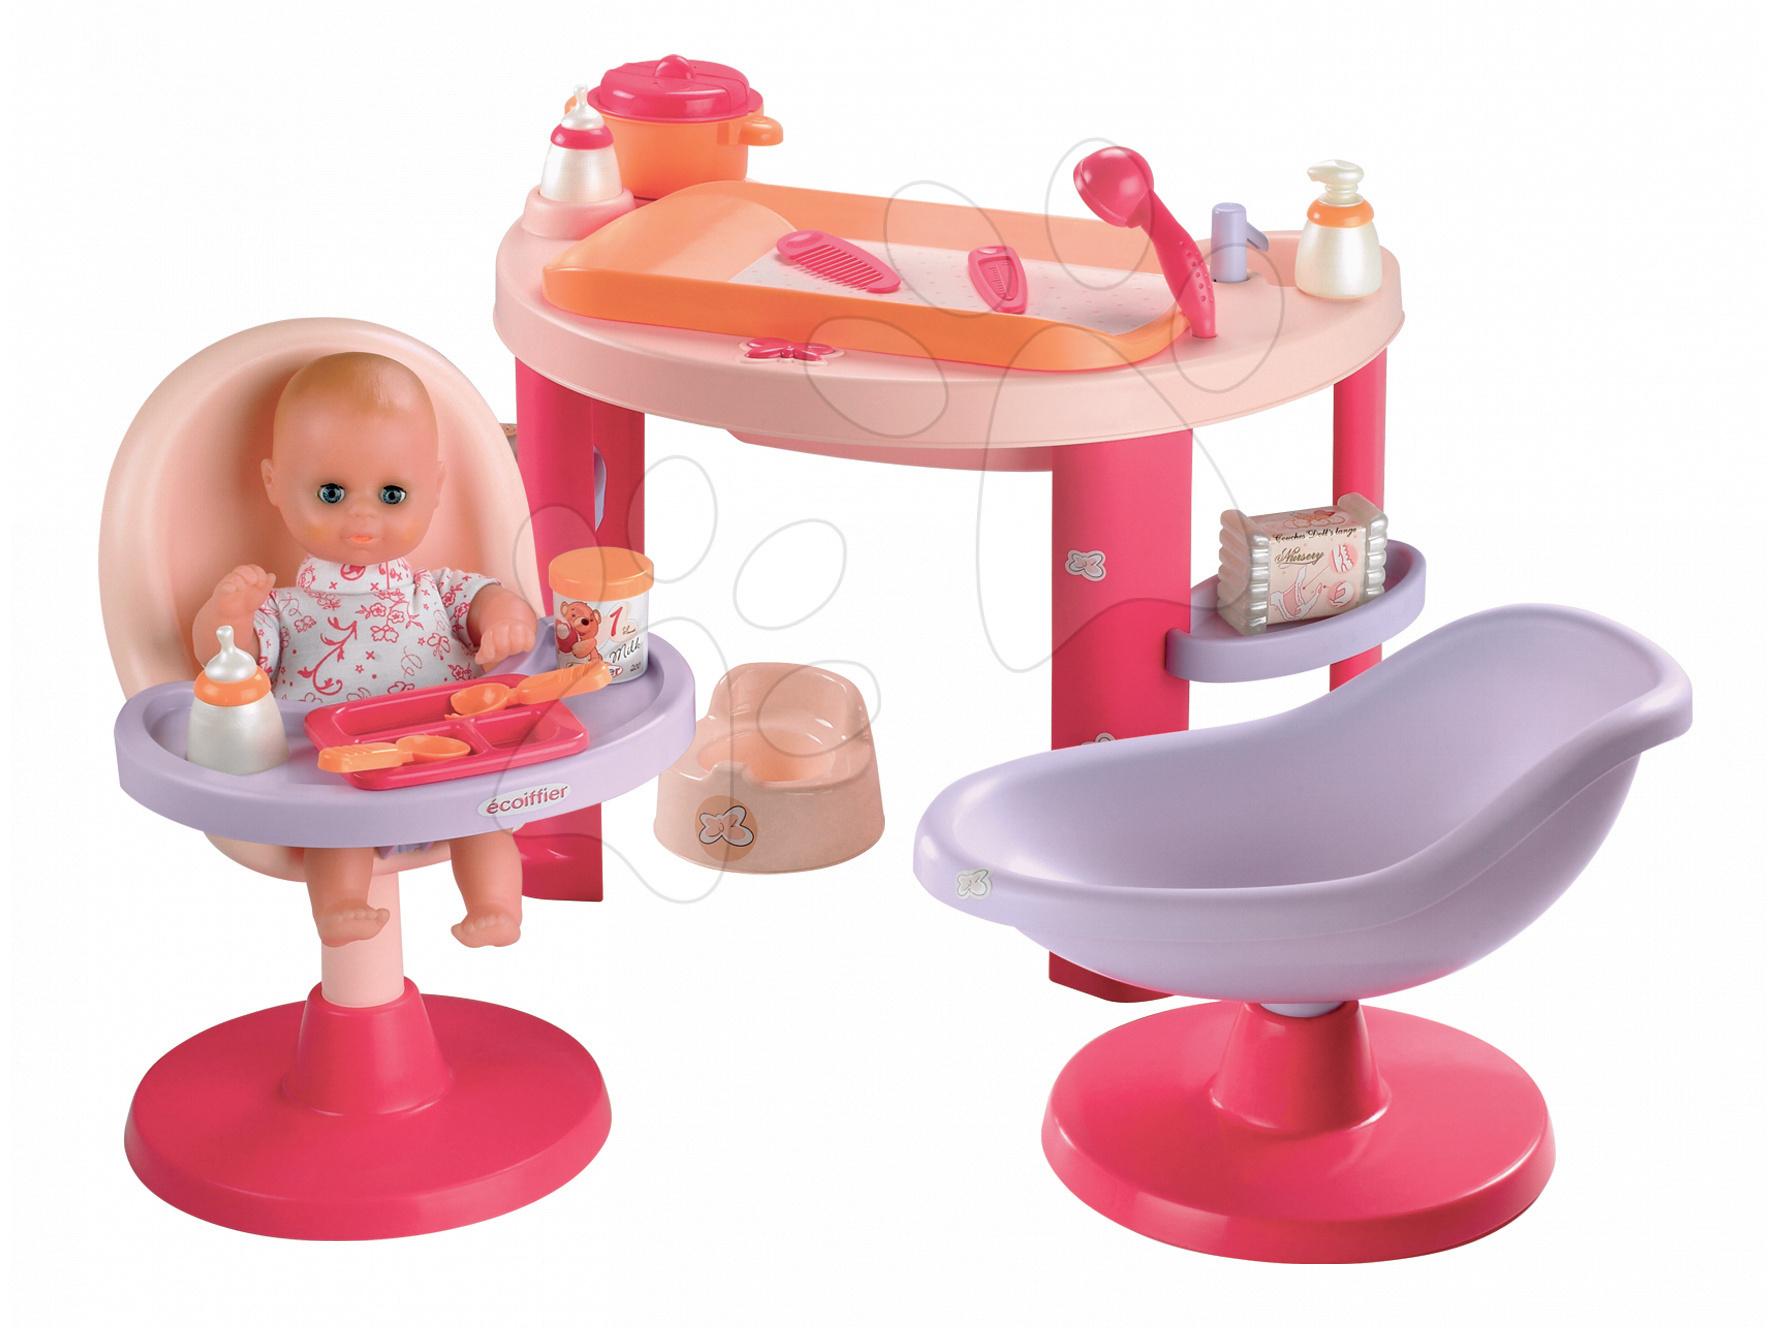 Pelenkázó asztal játékbabának Nursery 3in1 Écoiffier karosszékkel és etetőszékkel 18 hó-tól